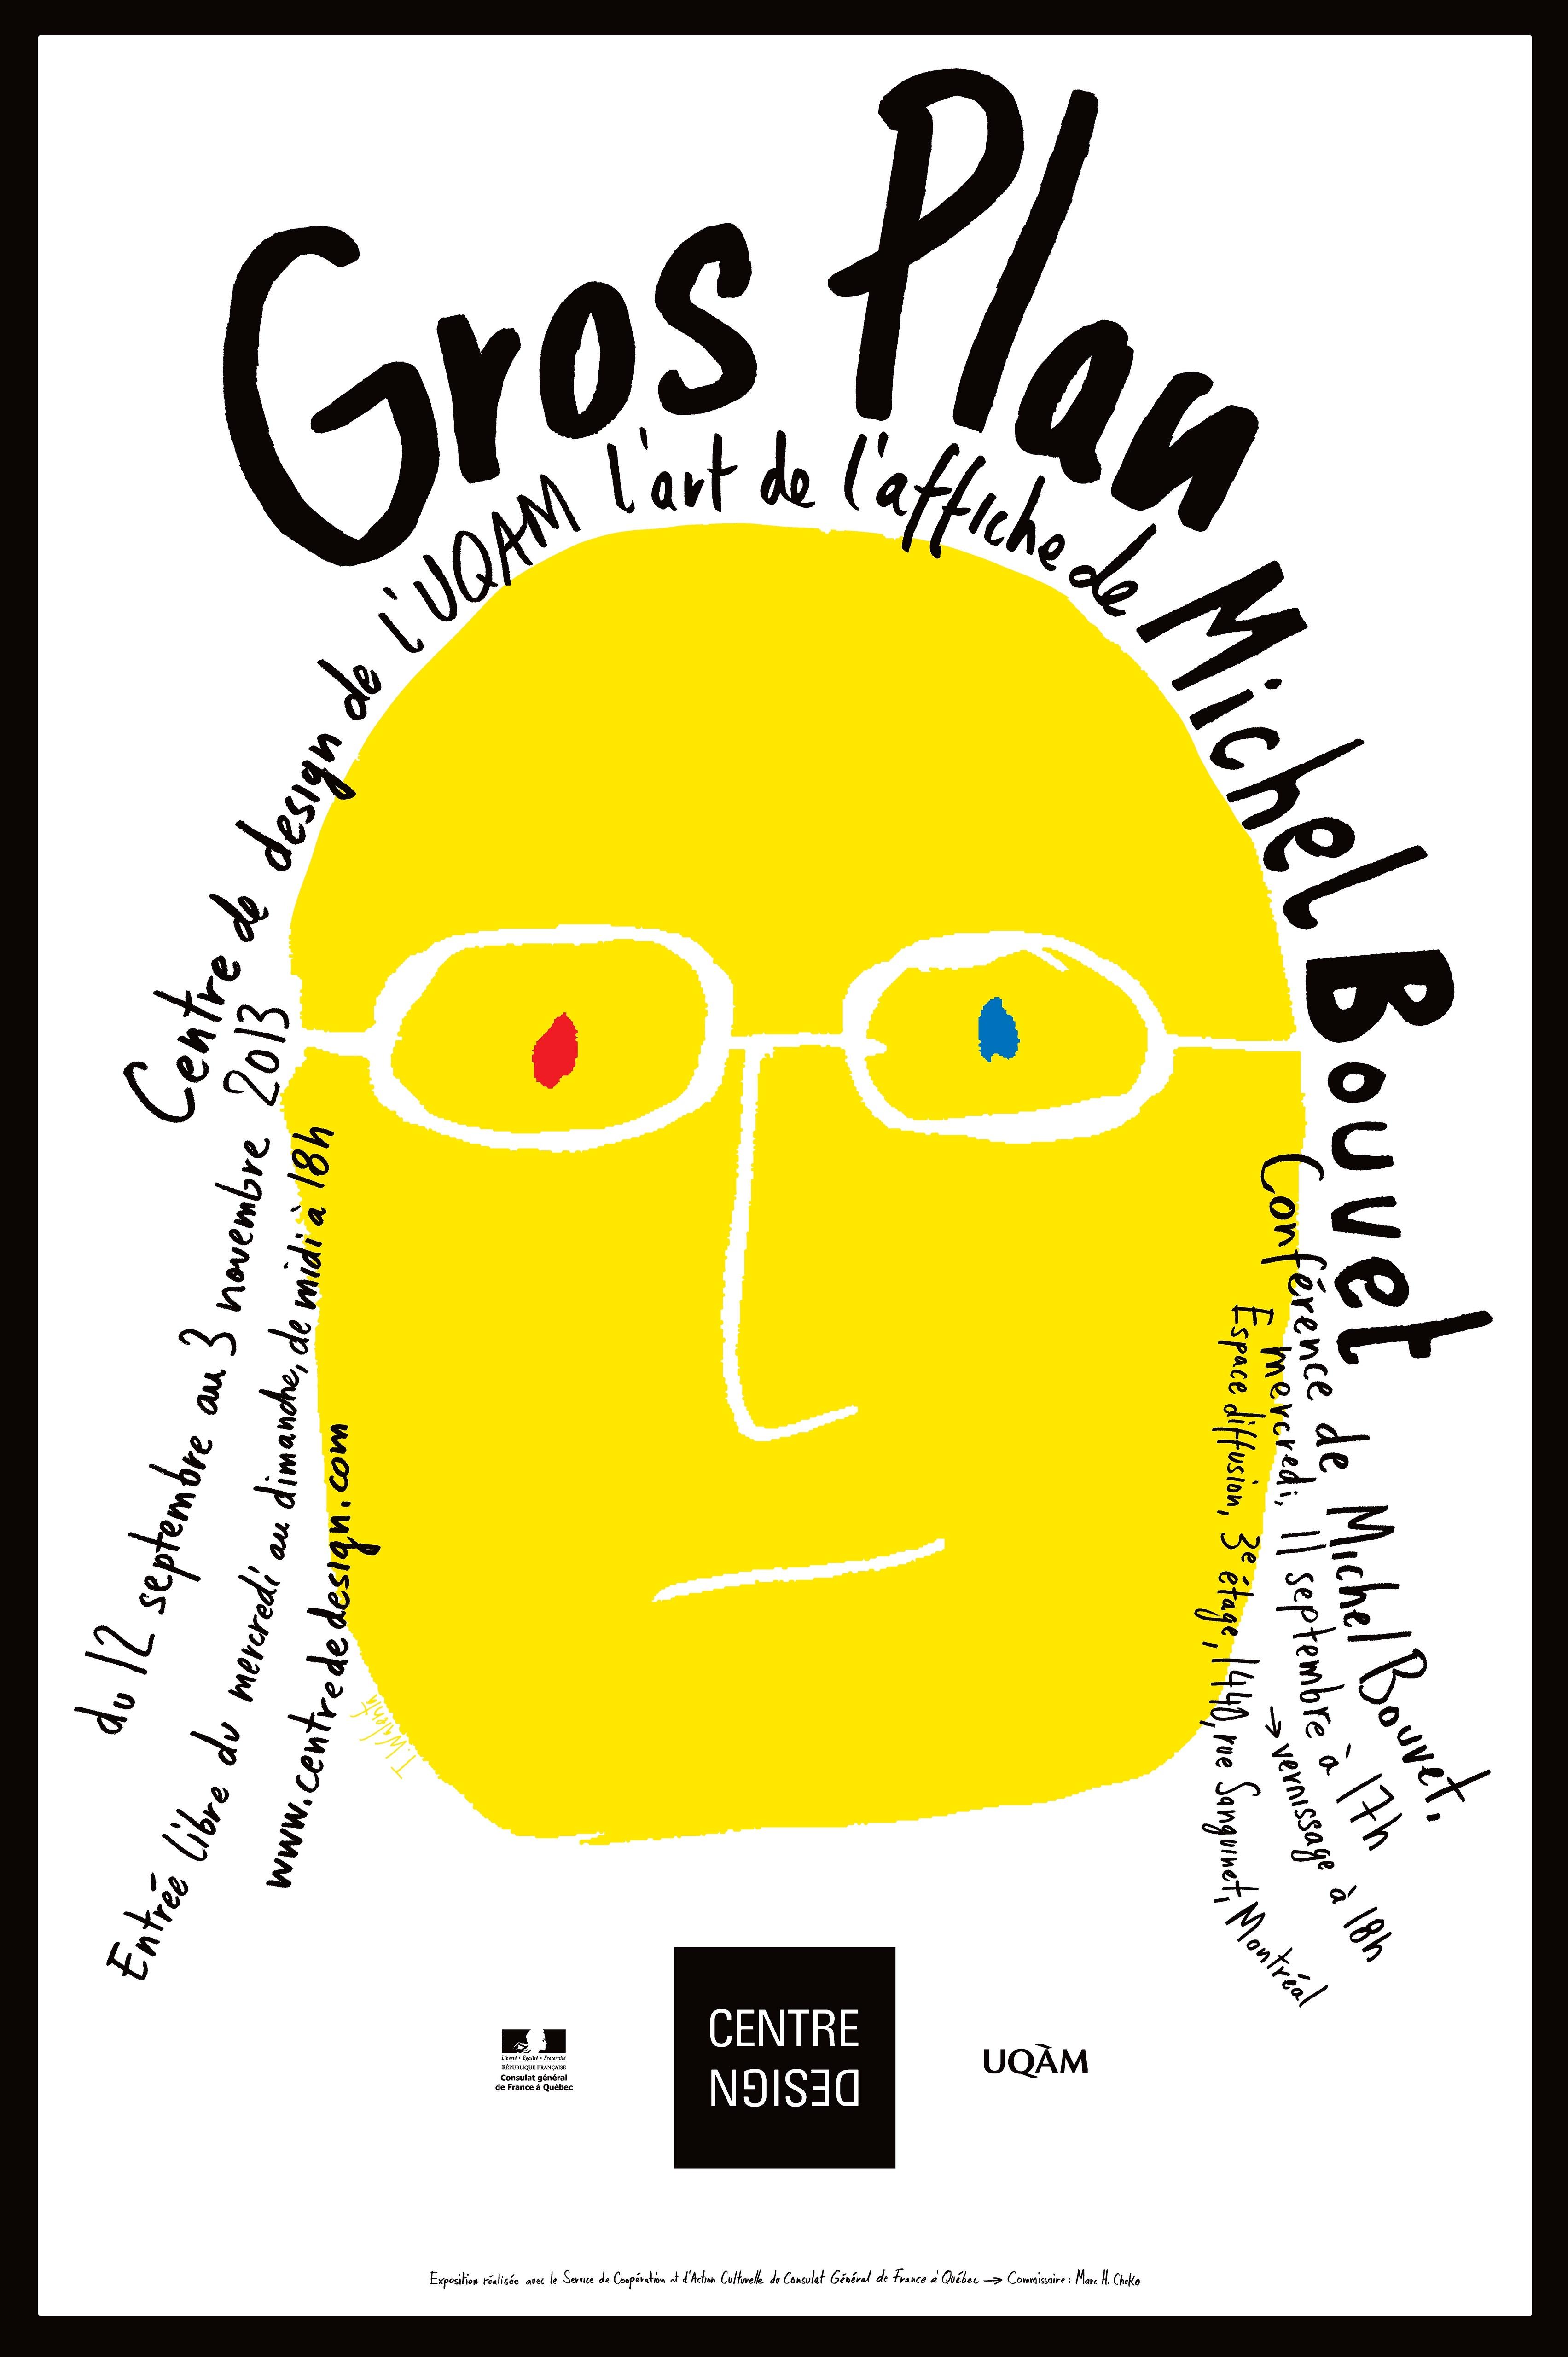 2013 - Exposition - L'art de l'affiche de Michel Bouvet